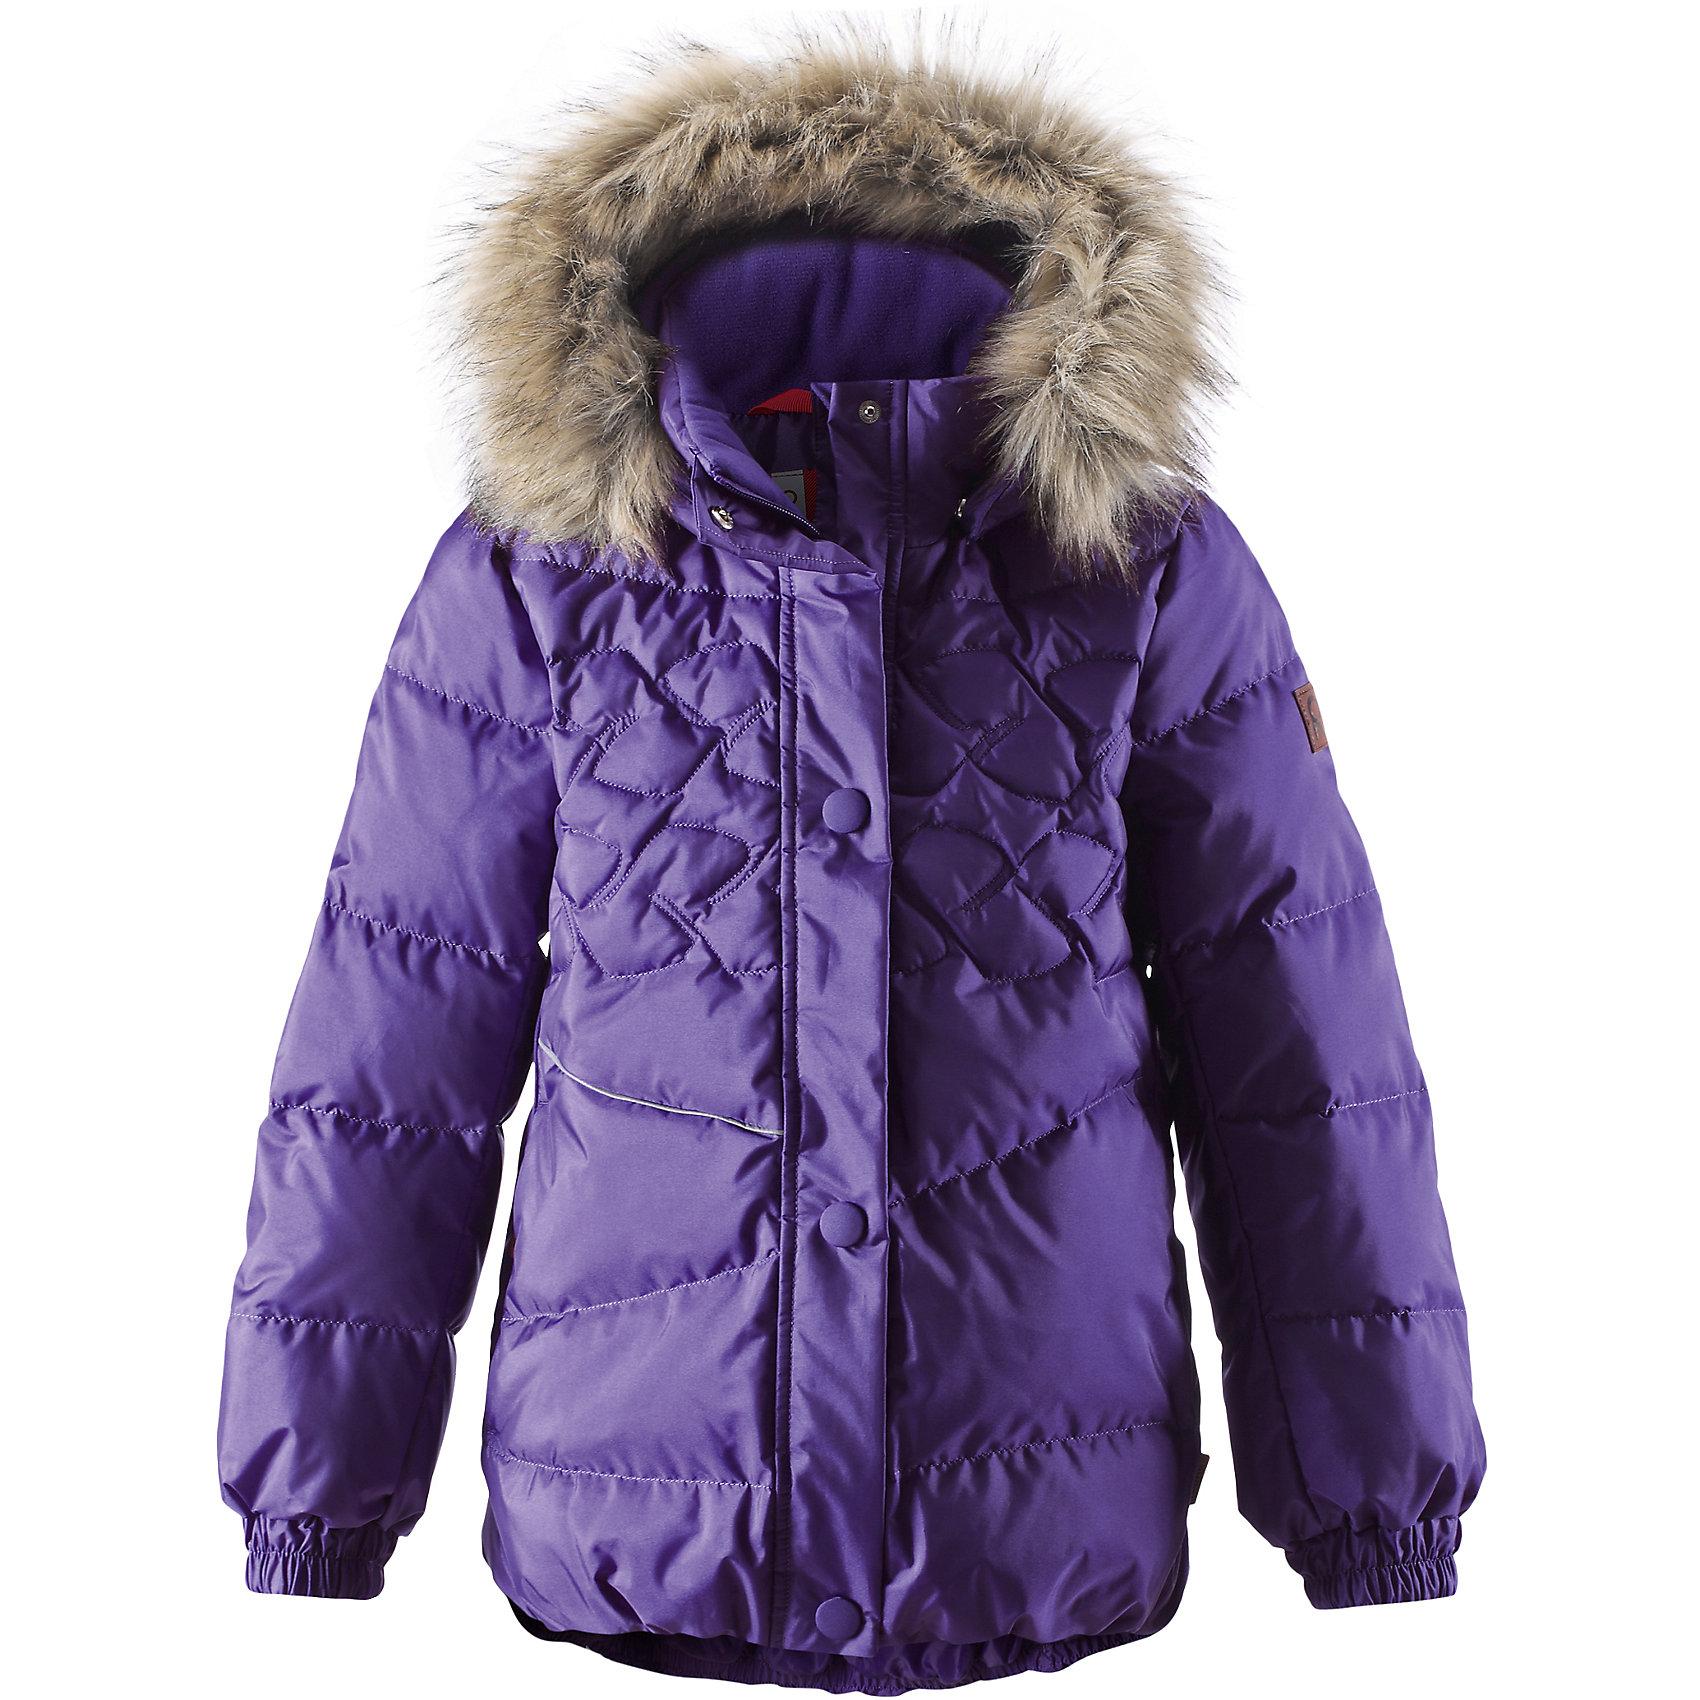 Куртка для девочки ReimaЭтот красивый пуховик согреет детей на прогулке в холодные зимние дни! Модель для девочек пошита из ветронепроницаемого дышащего материала, который отталкивает воду и грязь, чтобы обеспечить тепло и комфорт в морозные зимние дни. Куртка с подкладкой из гладкого полиэстера легко надевается и удобно носится с тёплым промежуточным слоем. Спереди и сзади эта тёплая куртка украшена элегантной вышивкой. Сзади на талии имеется фиксированная утяжка. У этой удлинённой модели слегка пышный подол. Во время прогулки маленькие сокровища можно спрятать в два боковых кармана на молнии. Съёмный капюшон не только защищает от холодного ветра, но и безопасен. Если закреплённый кнопками капюшон зацепится за что-нибудь, он легко отстегнётся. Завершающий штрих - съёмная отделка из искусственного меха на капюшоне.<br><br> Водоотталкивающий пуховик для девочек-подростков<br> Безопасный съёмный капюшон с отстёгивающейся отделкой из искусственного меха<br> Эластичные манжеты<br> Боковые карманы на молниях<br><br>Состав:<br>55% ПА 45% ПЭ, ПУ-покрытие<br>Высокая степень утепления (до - 30)<br>Утеплитель: пух<br><br>Куртку для девочки Reima (Рейма) можно купить в нашем магазине.<br><br>Ширина мм: 356<br>Глубина мм: 10<br>Высота мм: 245<br>Вес г: 519<br>Цвет: фиолетовый<br>Возраст от месяцев: 36<br>Возраст до месяцев: 48<br>Пол: Женский<br>Возраст: Детский<br>Размер: 104,152,146,140,134,128,122,158,116,110,164<br>SKU: 4210507